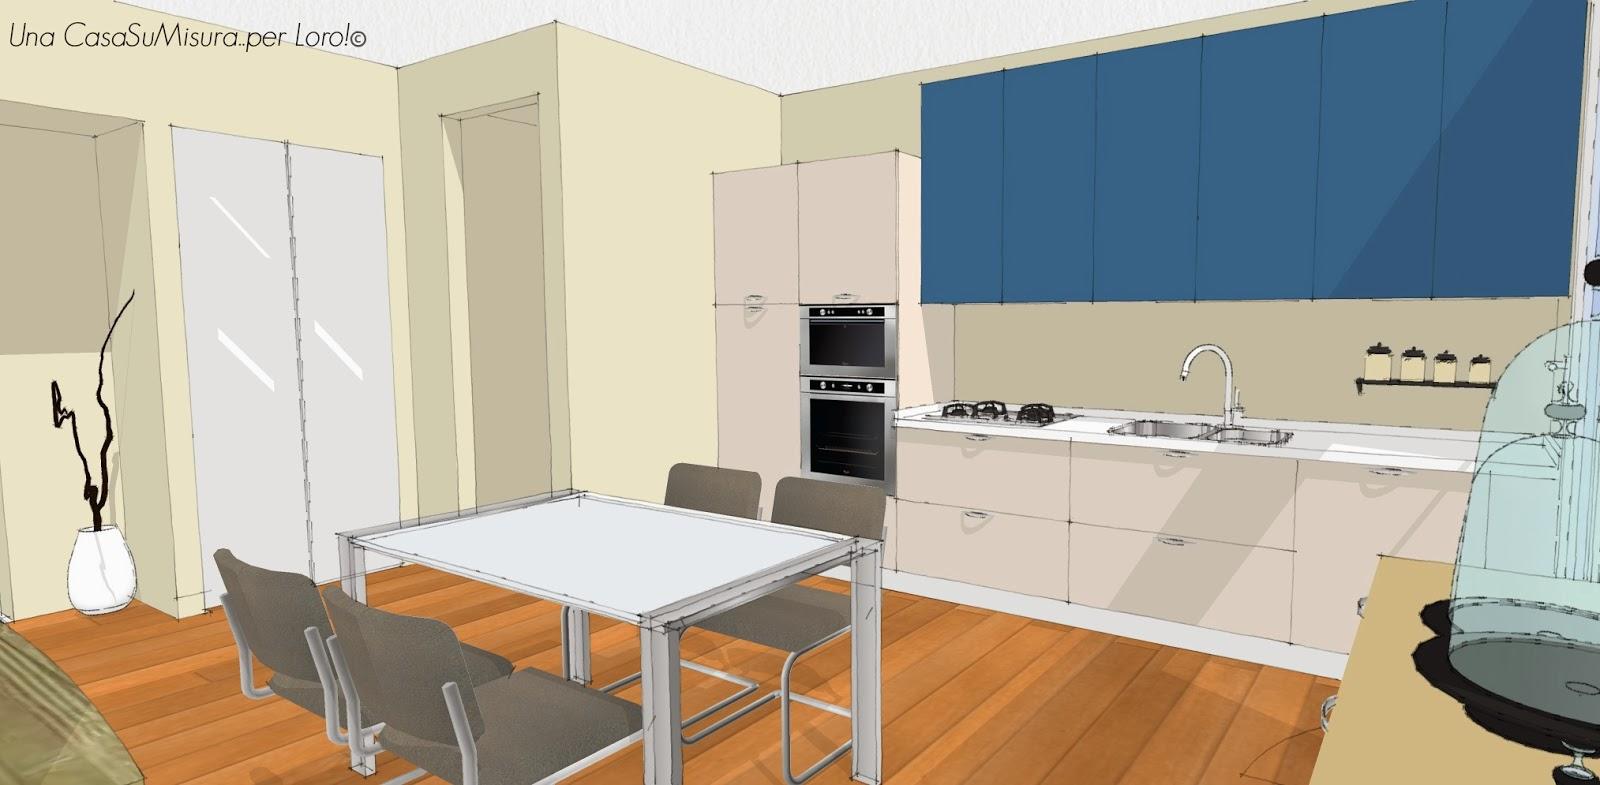 Programma Progetto Cucina | Una Casa Di 80 Mq Superfunzionali ...